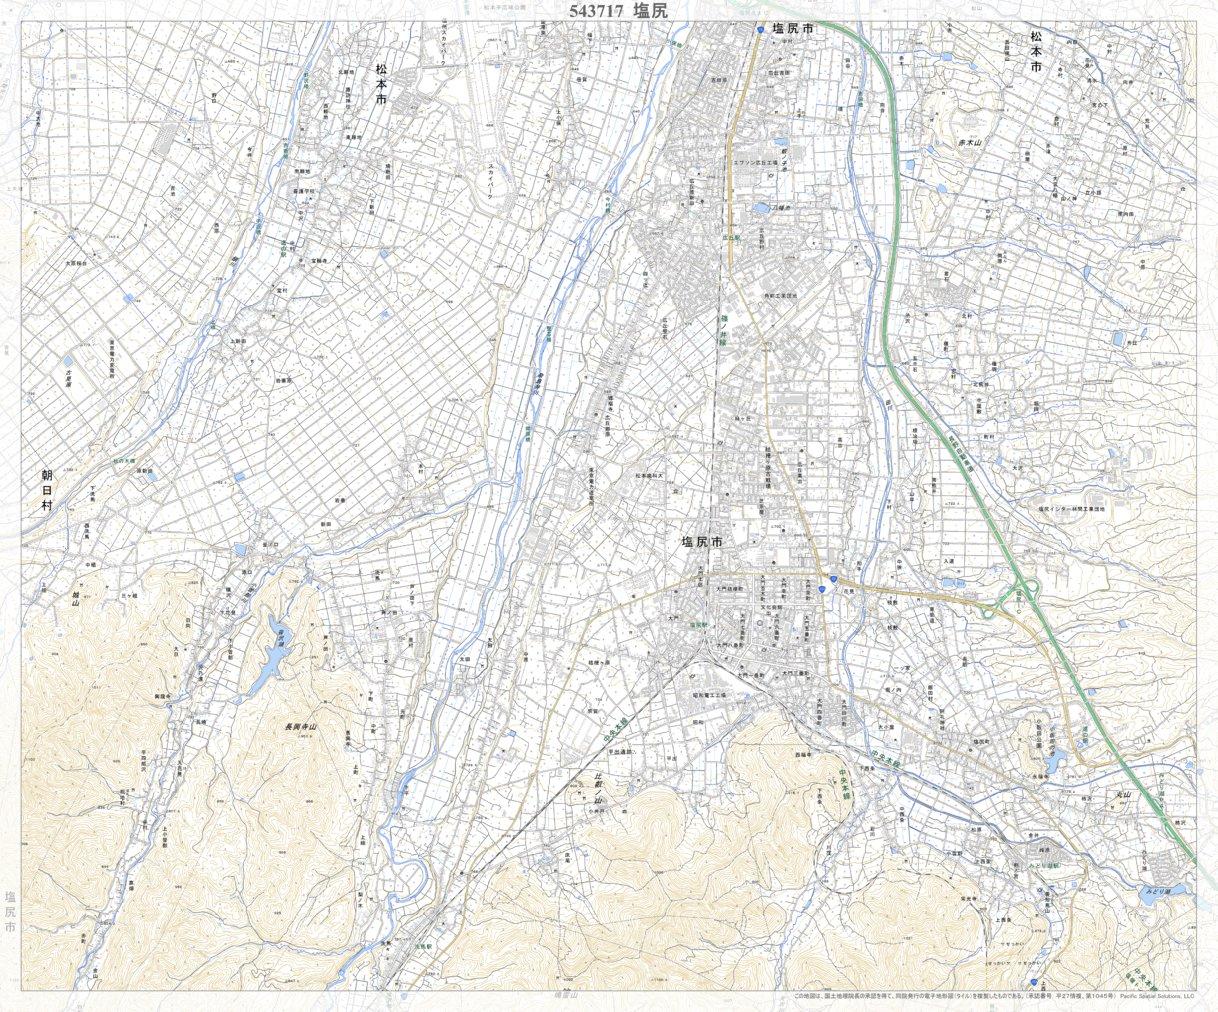 543717 塩尻(しおじり Shiojiri), 地形図